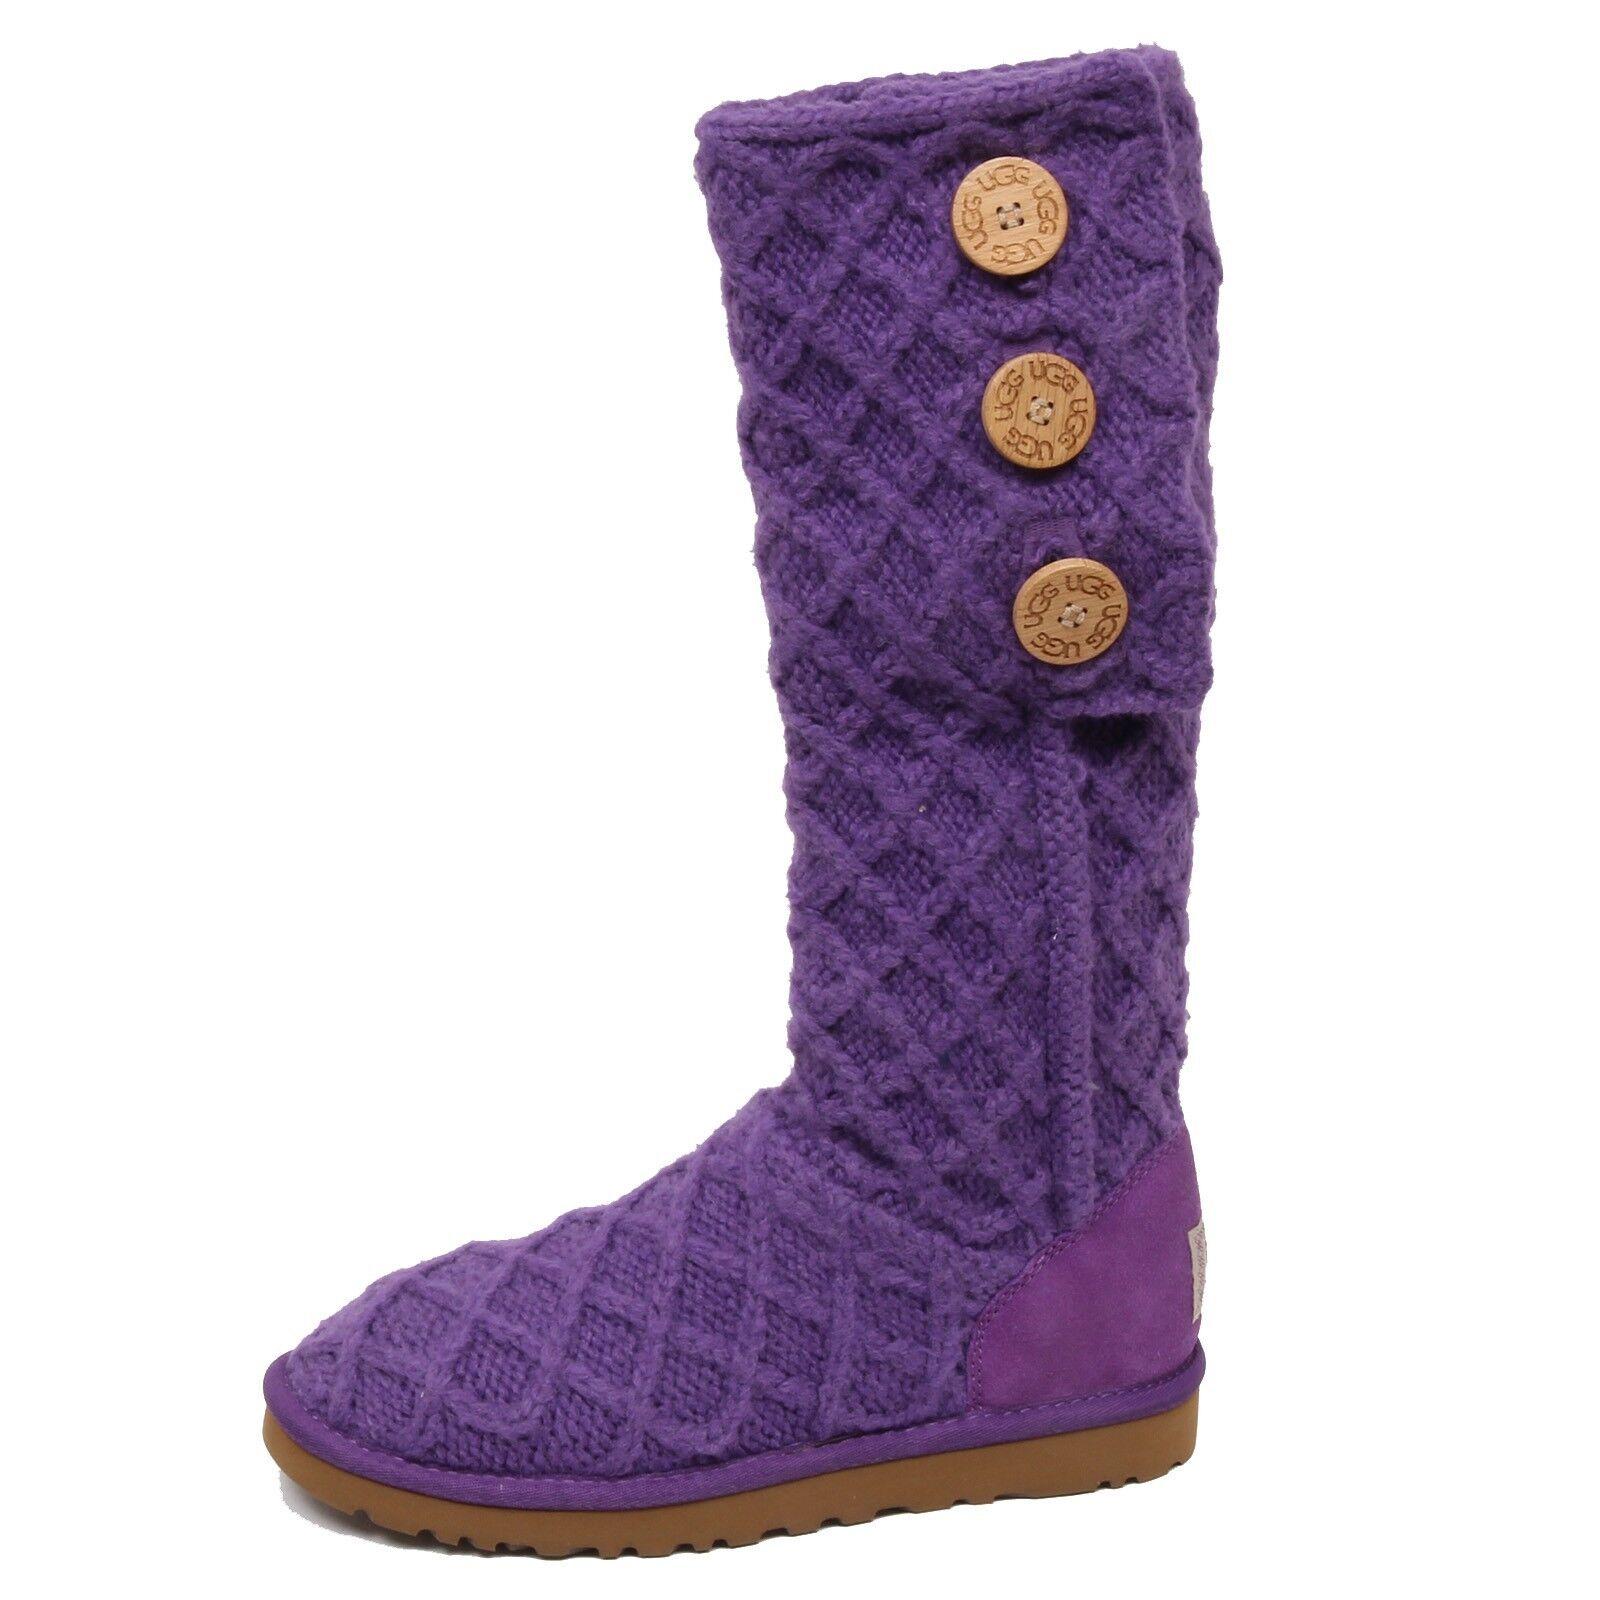 F0234 (NO BOX) chaussure femme botte UGG écharpe / laine en daim violet foncé Stivale